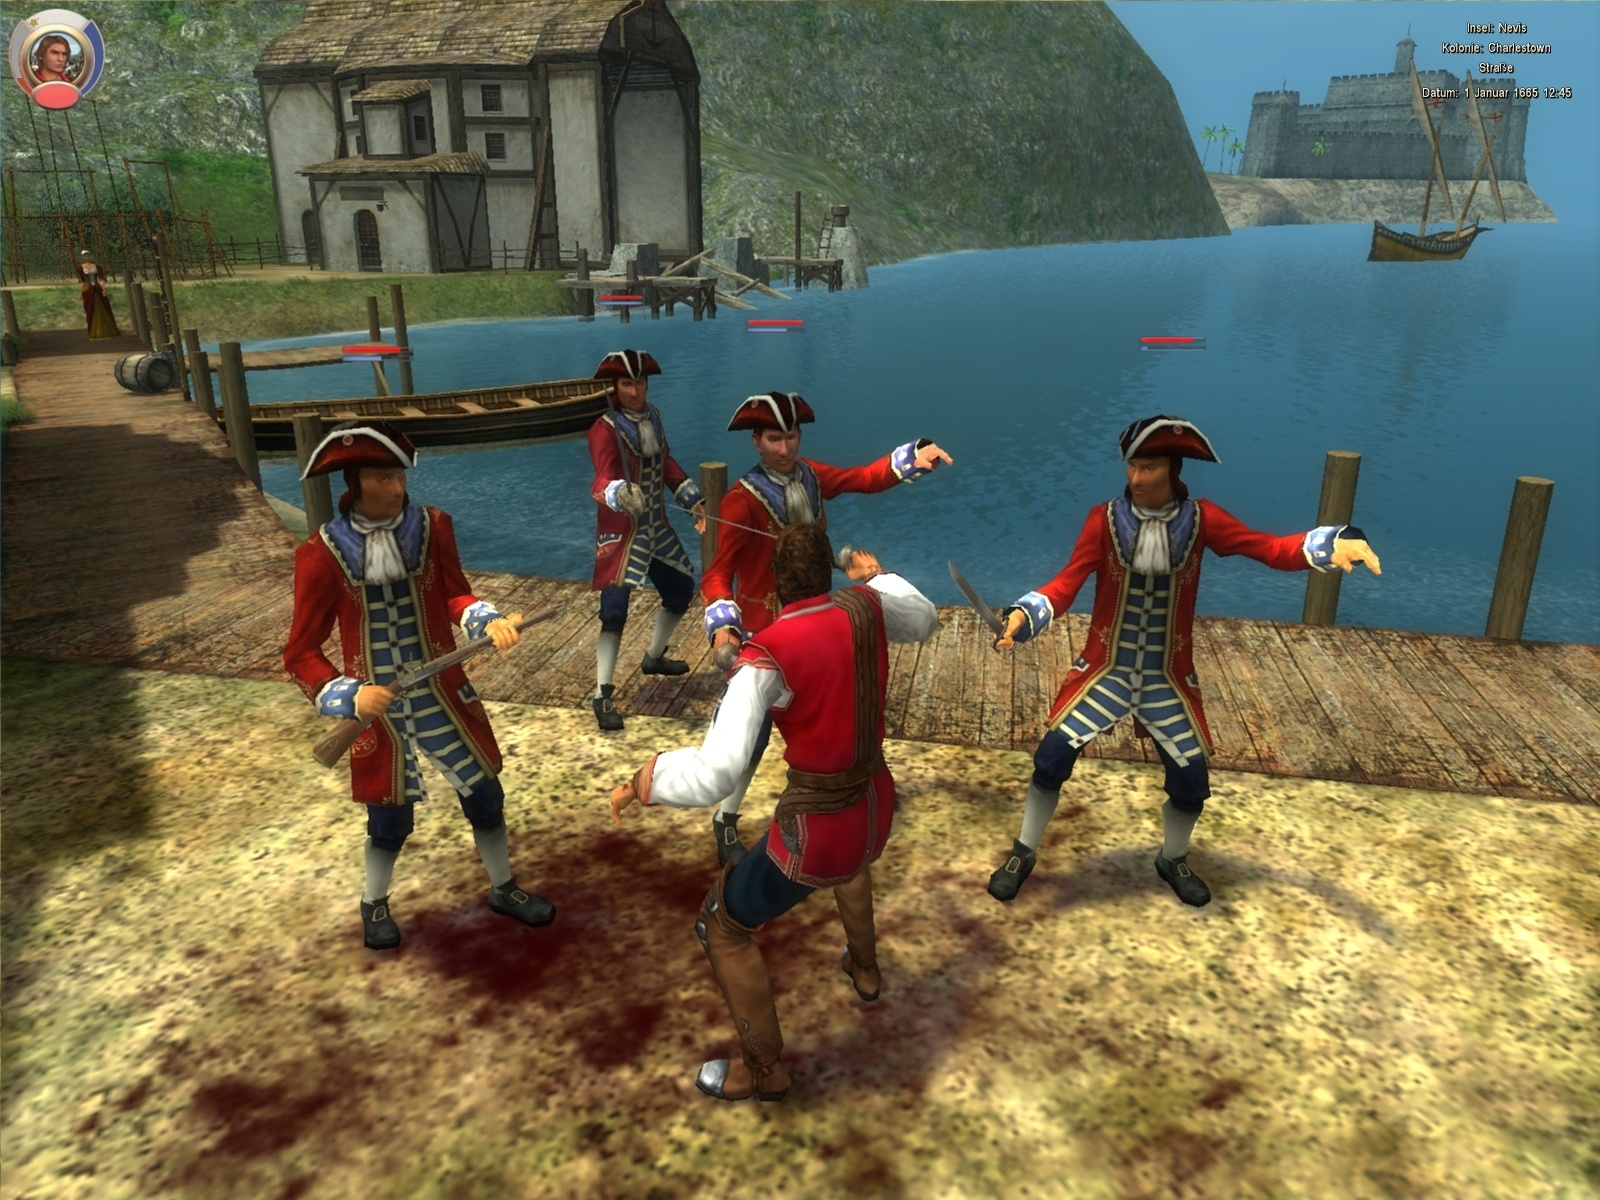 Piraten Rollenspiel